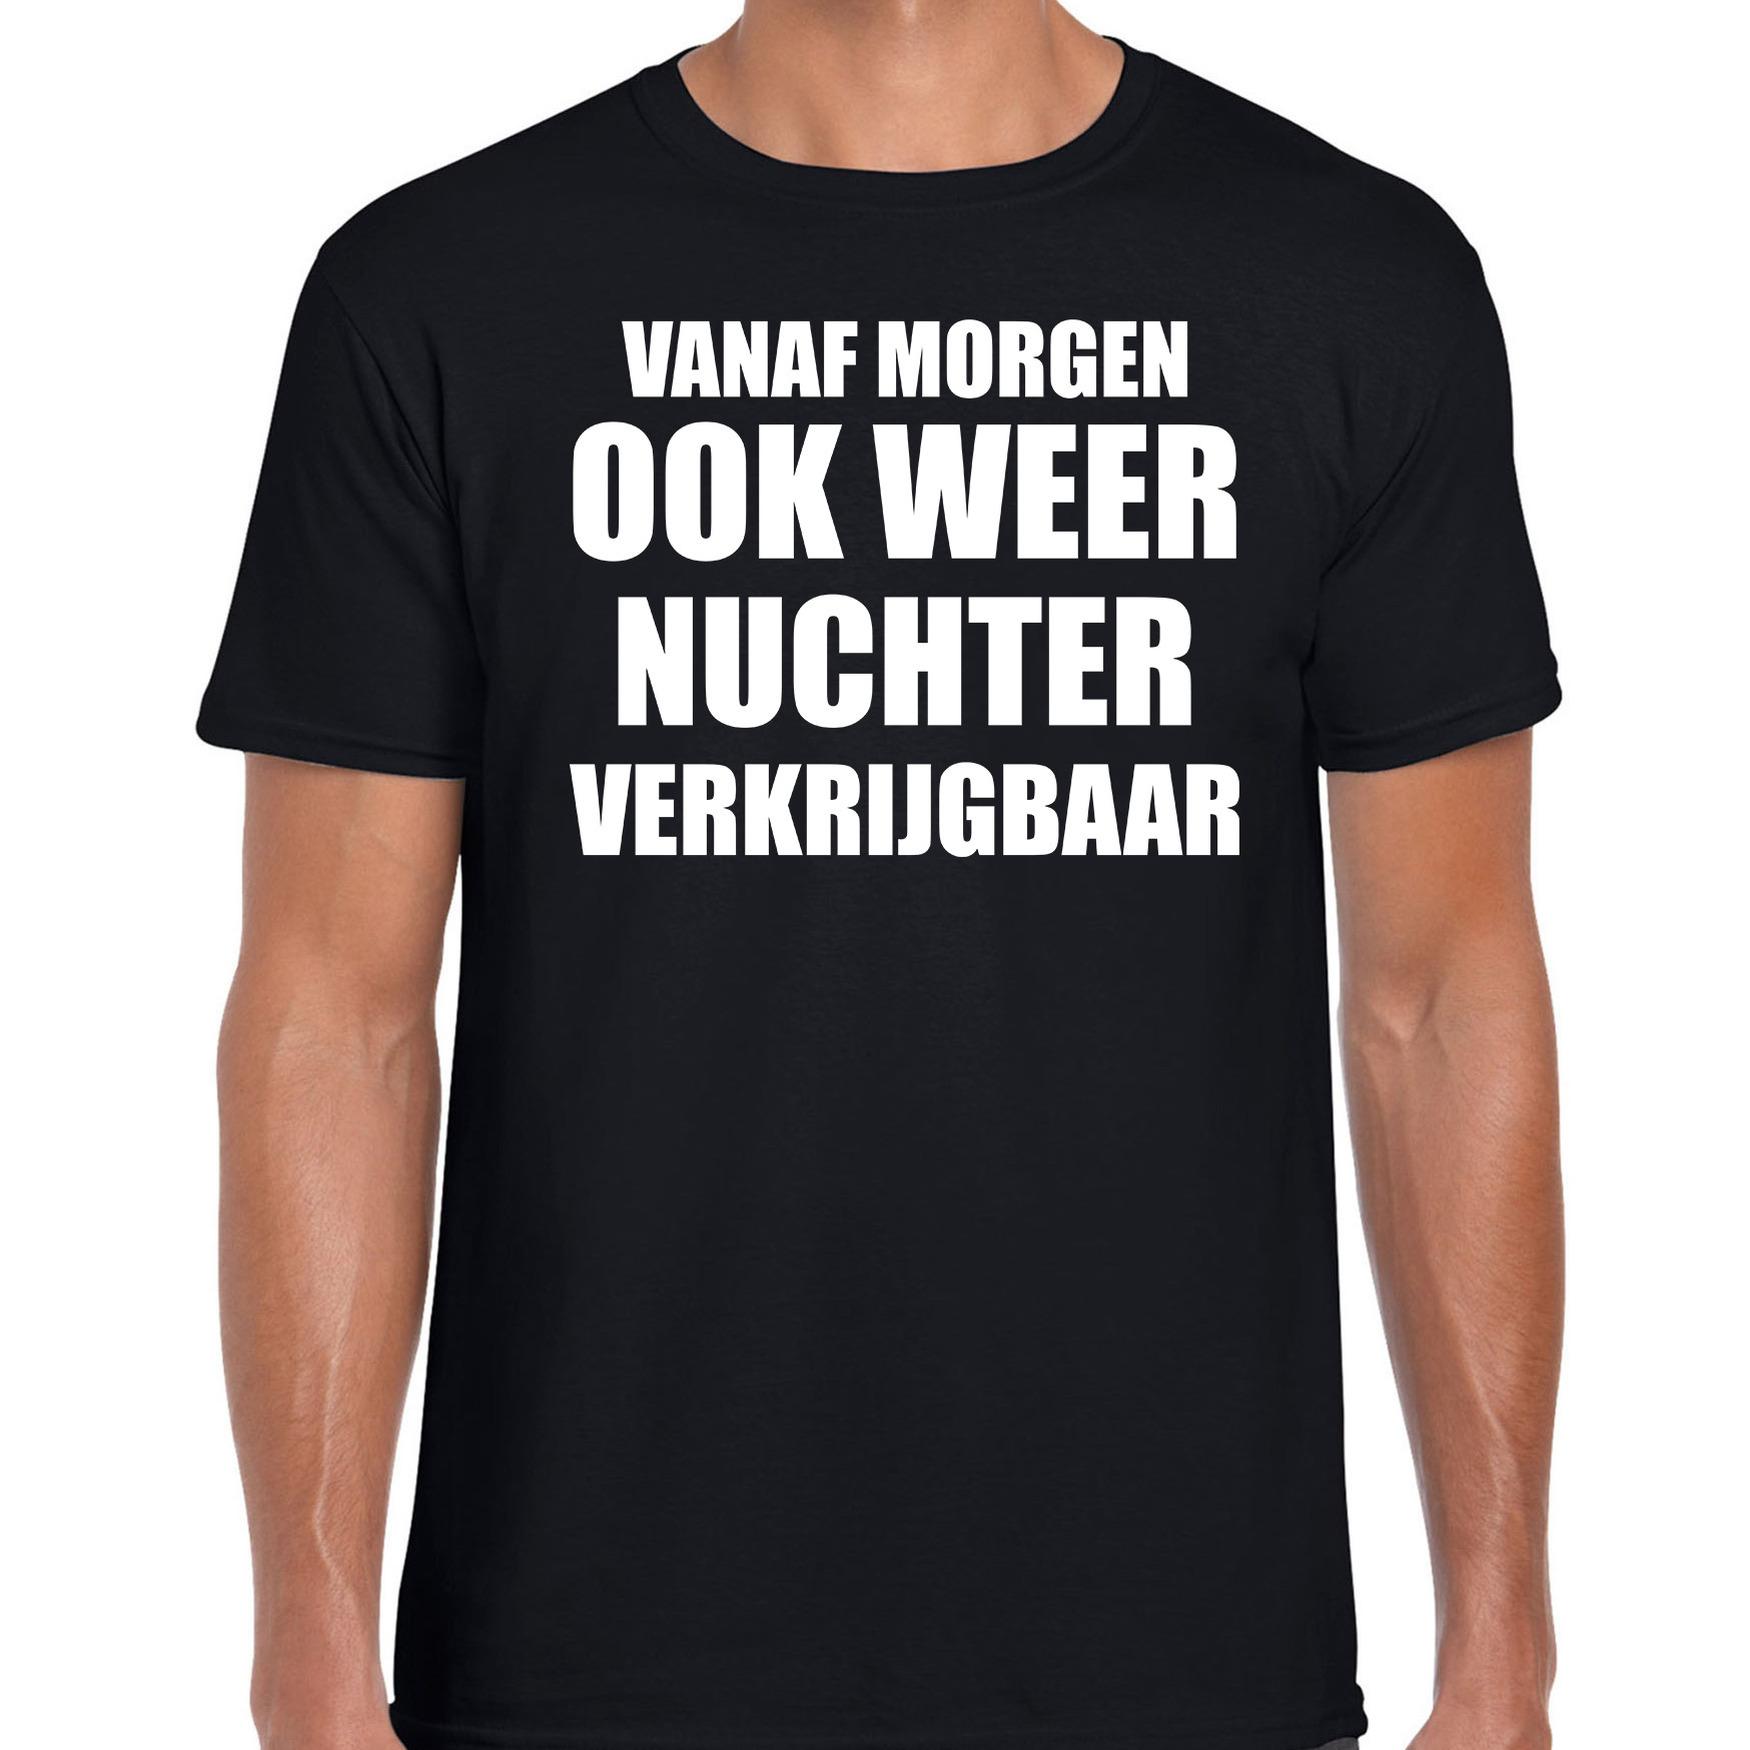 Feest t-shirt morgen nuchter verkrijgbaar zwart voor heren S -